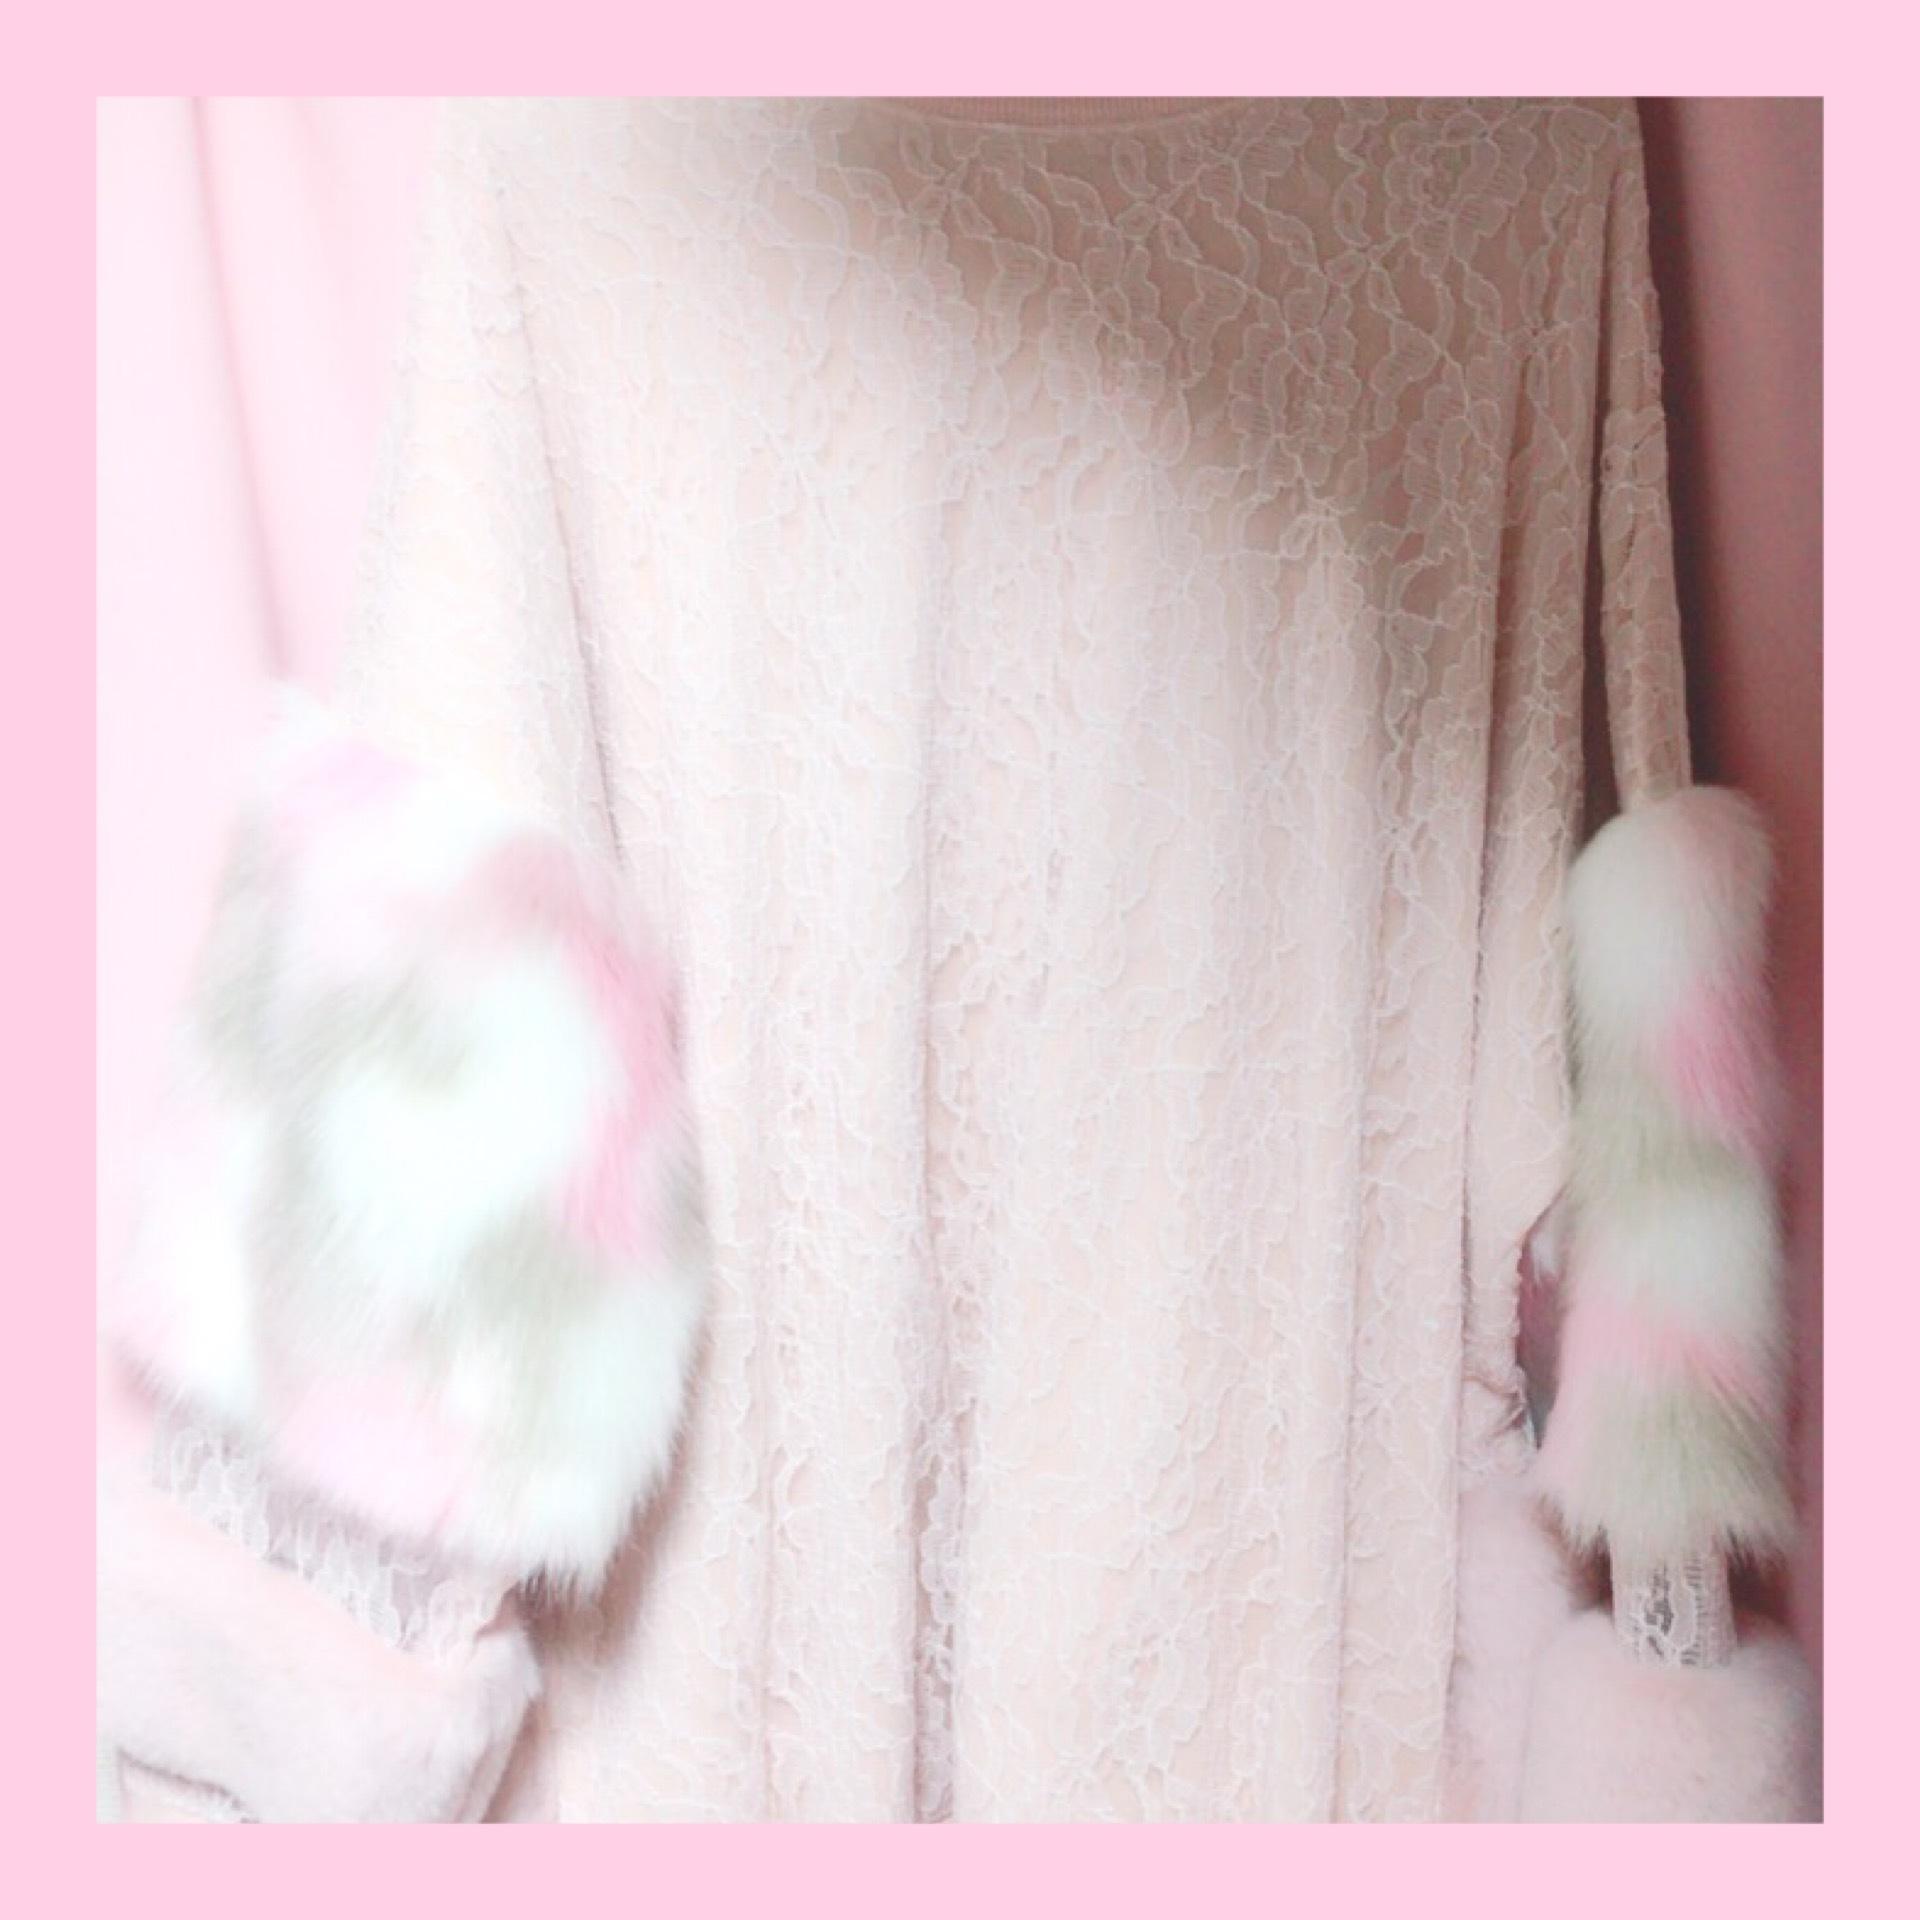 冬の購入品 ❄︎ 『 one spo  ファーワンピ 』_1_1